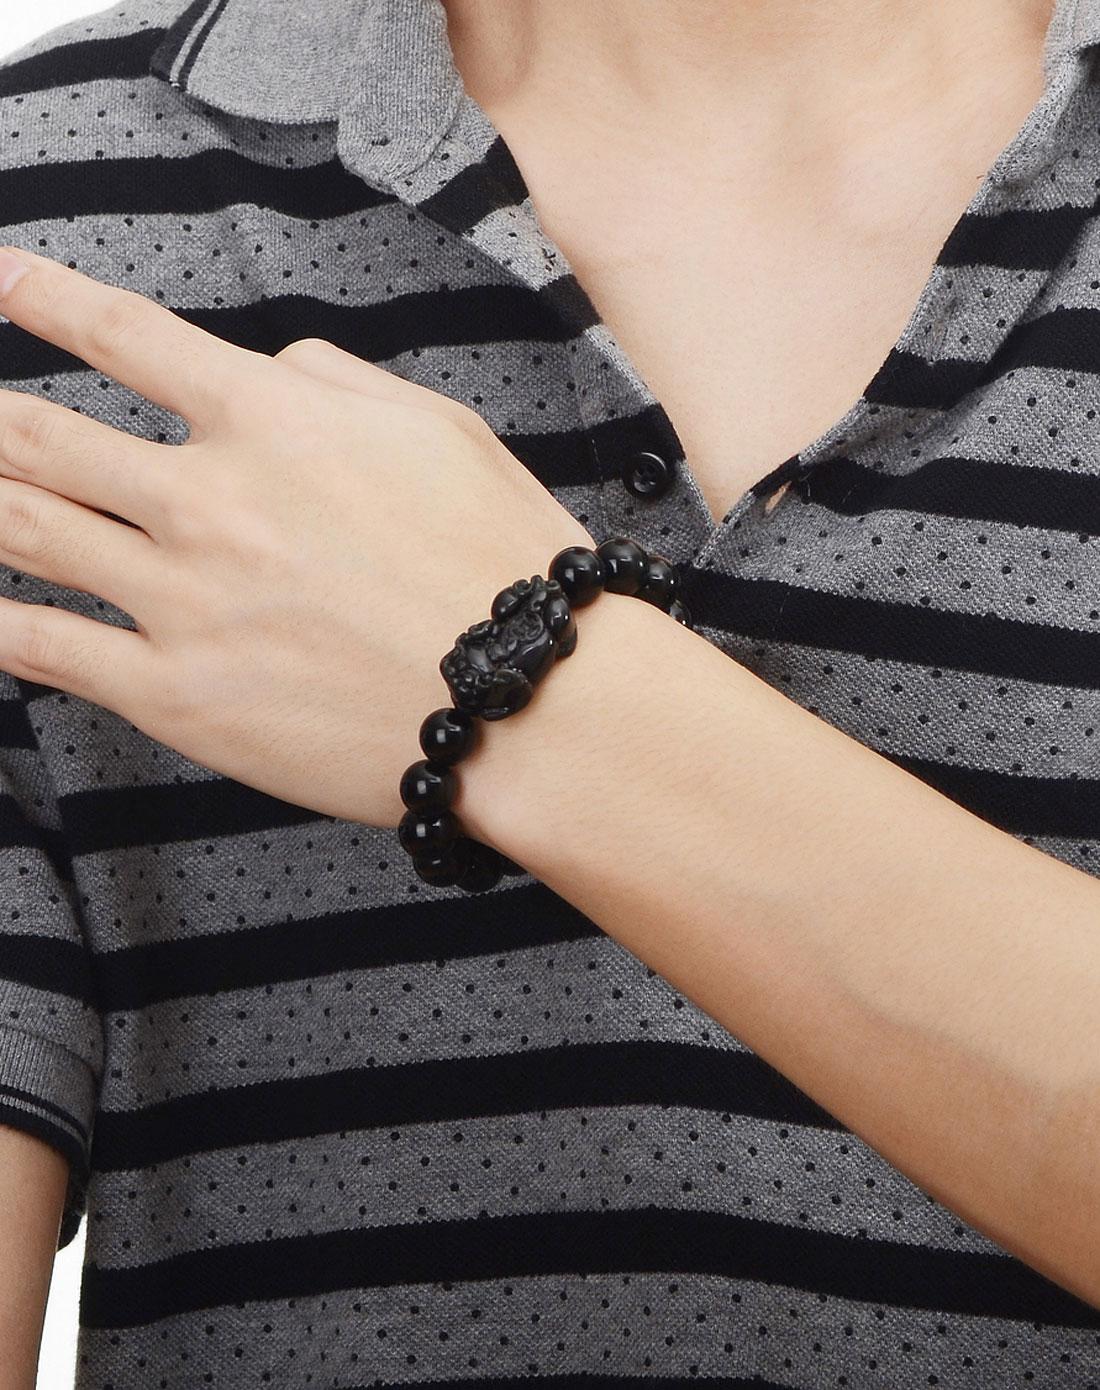 貔貅手链的戴法 佩戴貔貅需要注意哪些事项